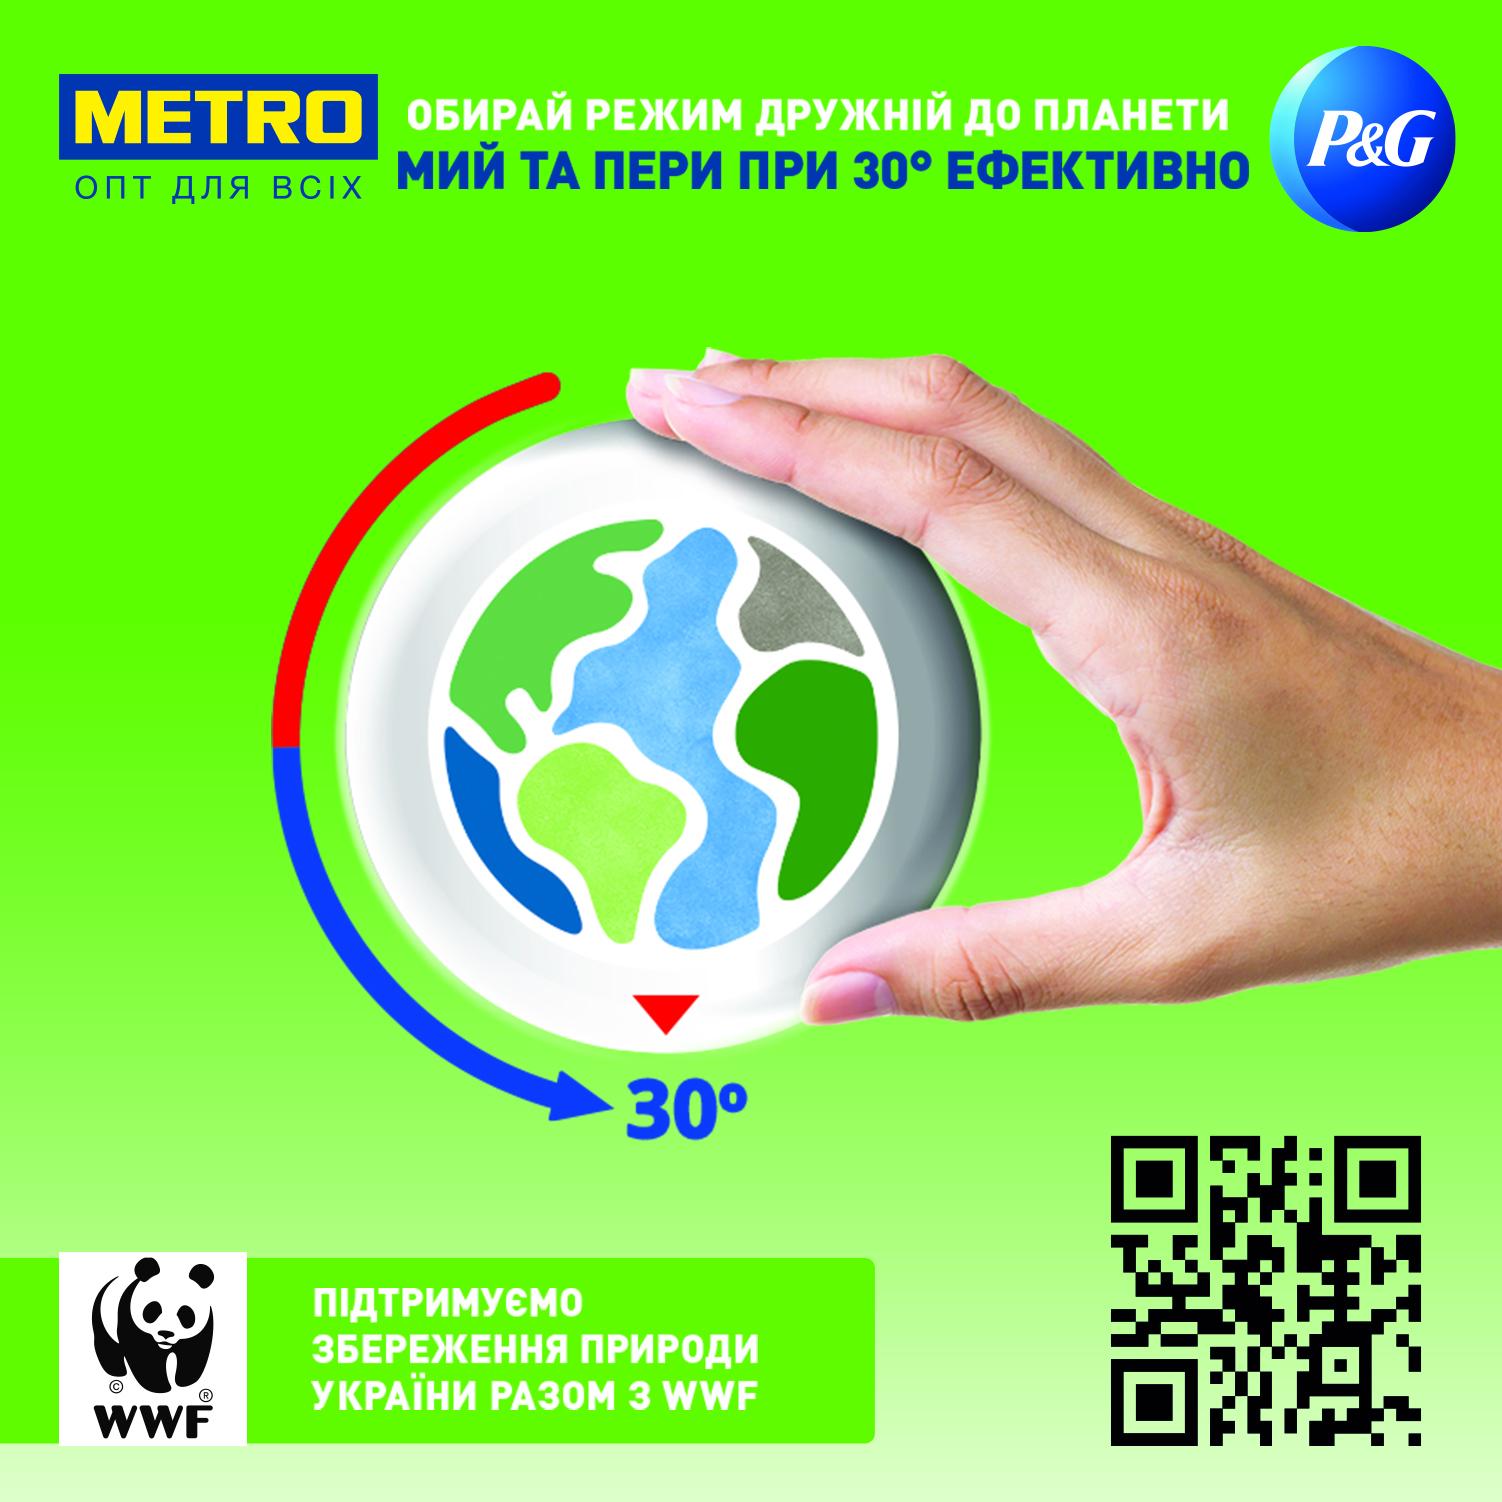 METRO Україна, Procter & Gamble Україна та Всесвітній фонд природи проводять спільну освітню кампанію «Обирай режим, дружній до планети»